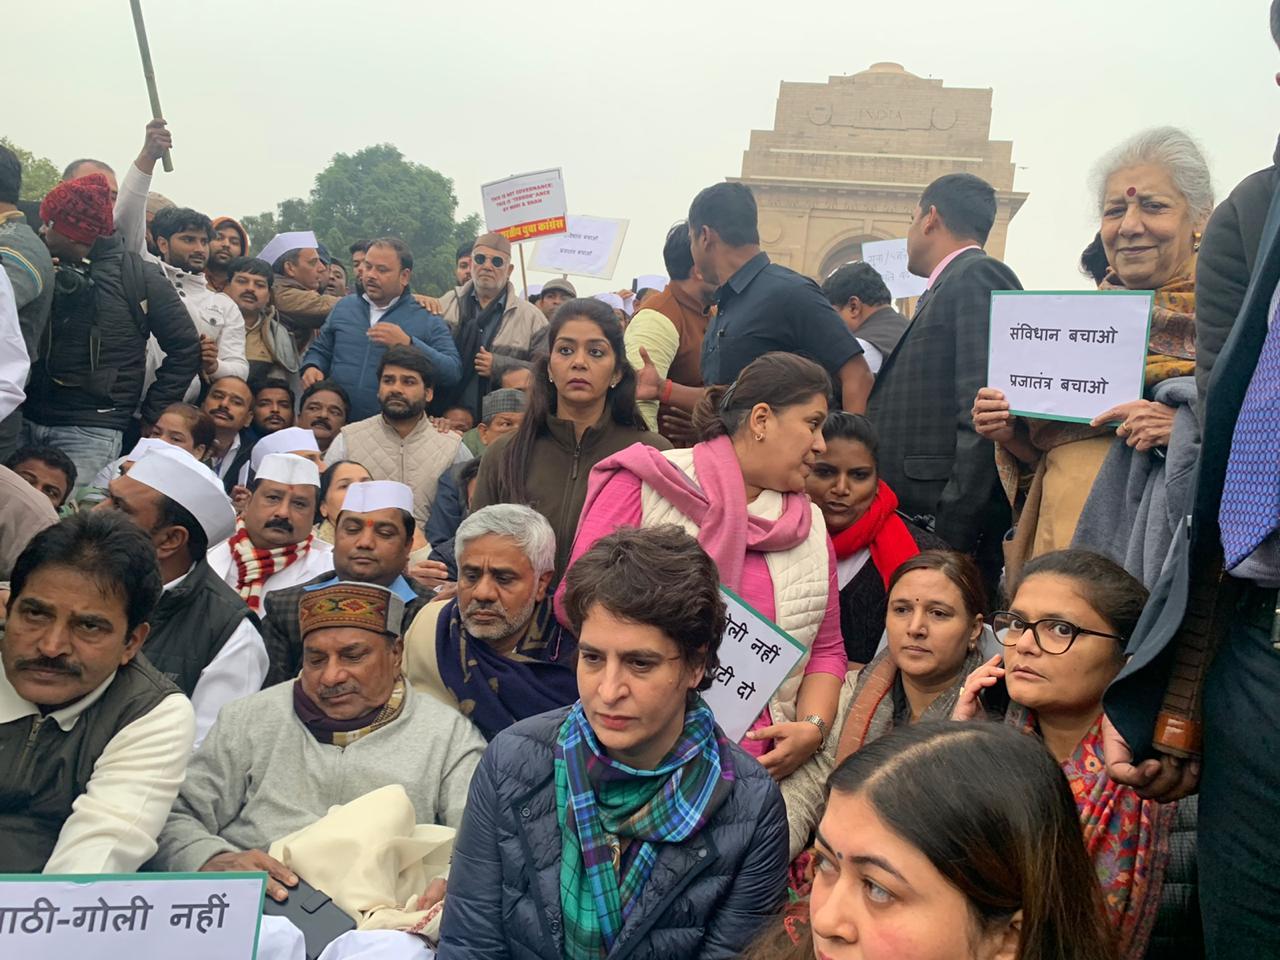 नागरिकता संशोधन कानून के खिलाफ कांग्रेस महासचिव प्रियंका गांधी इंडिया गेट पर धरने पर बैठीं. (फोटो साभार: ट्विटर)